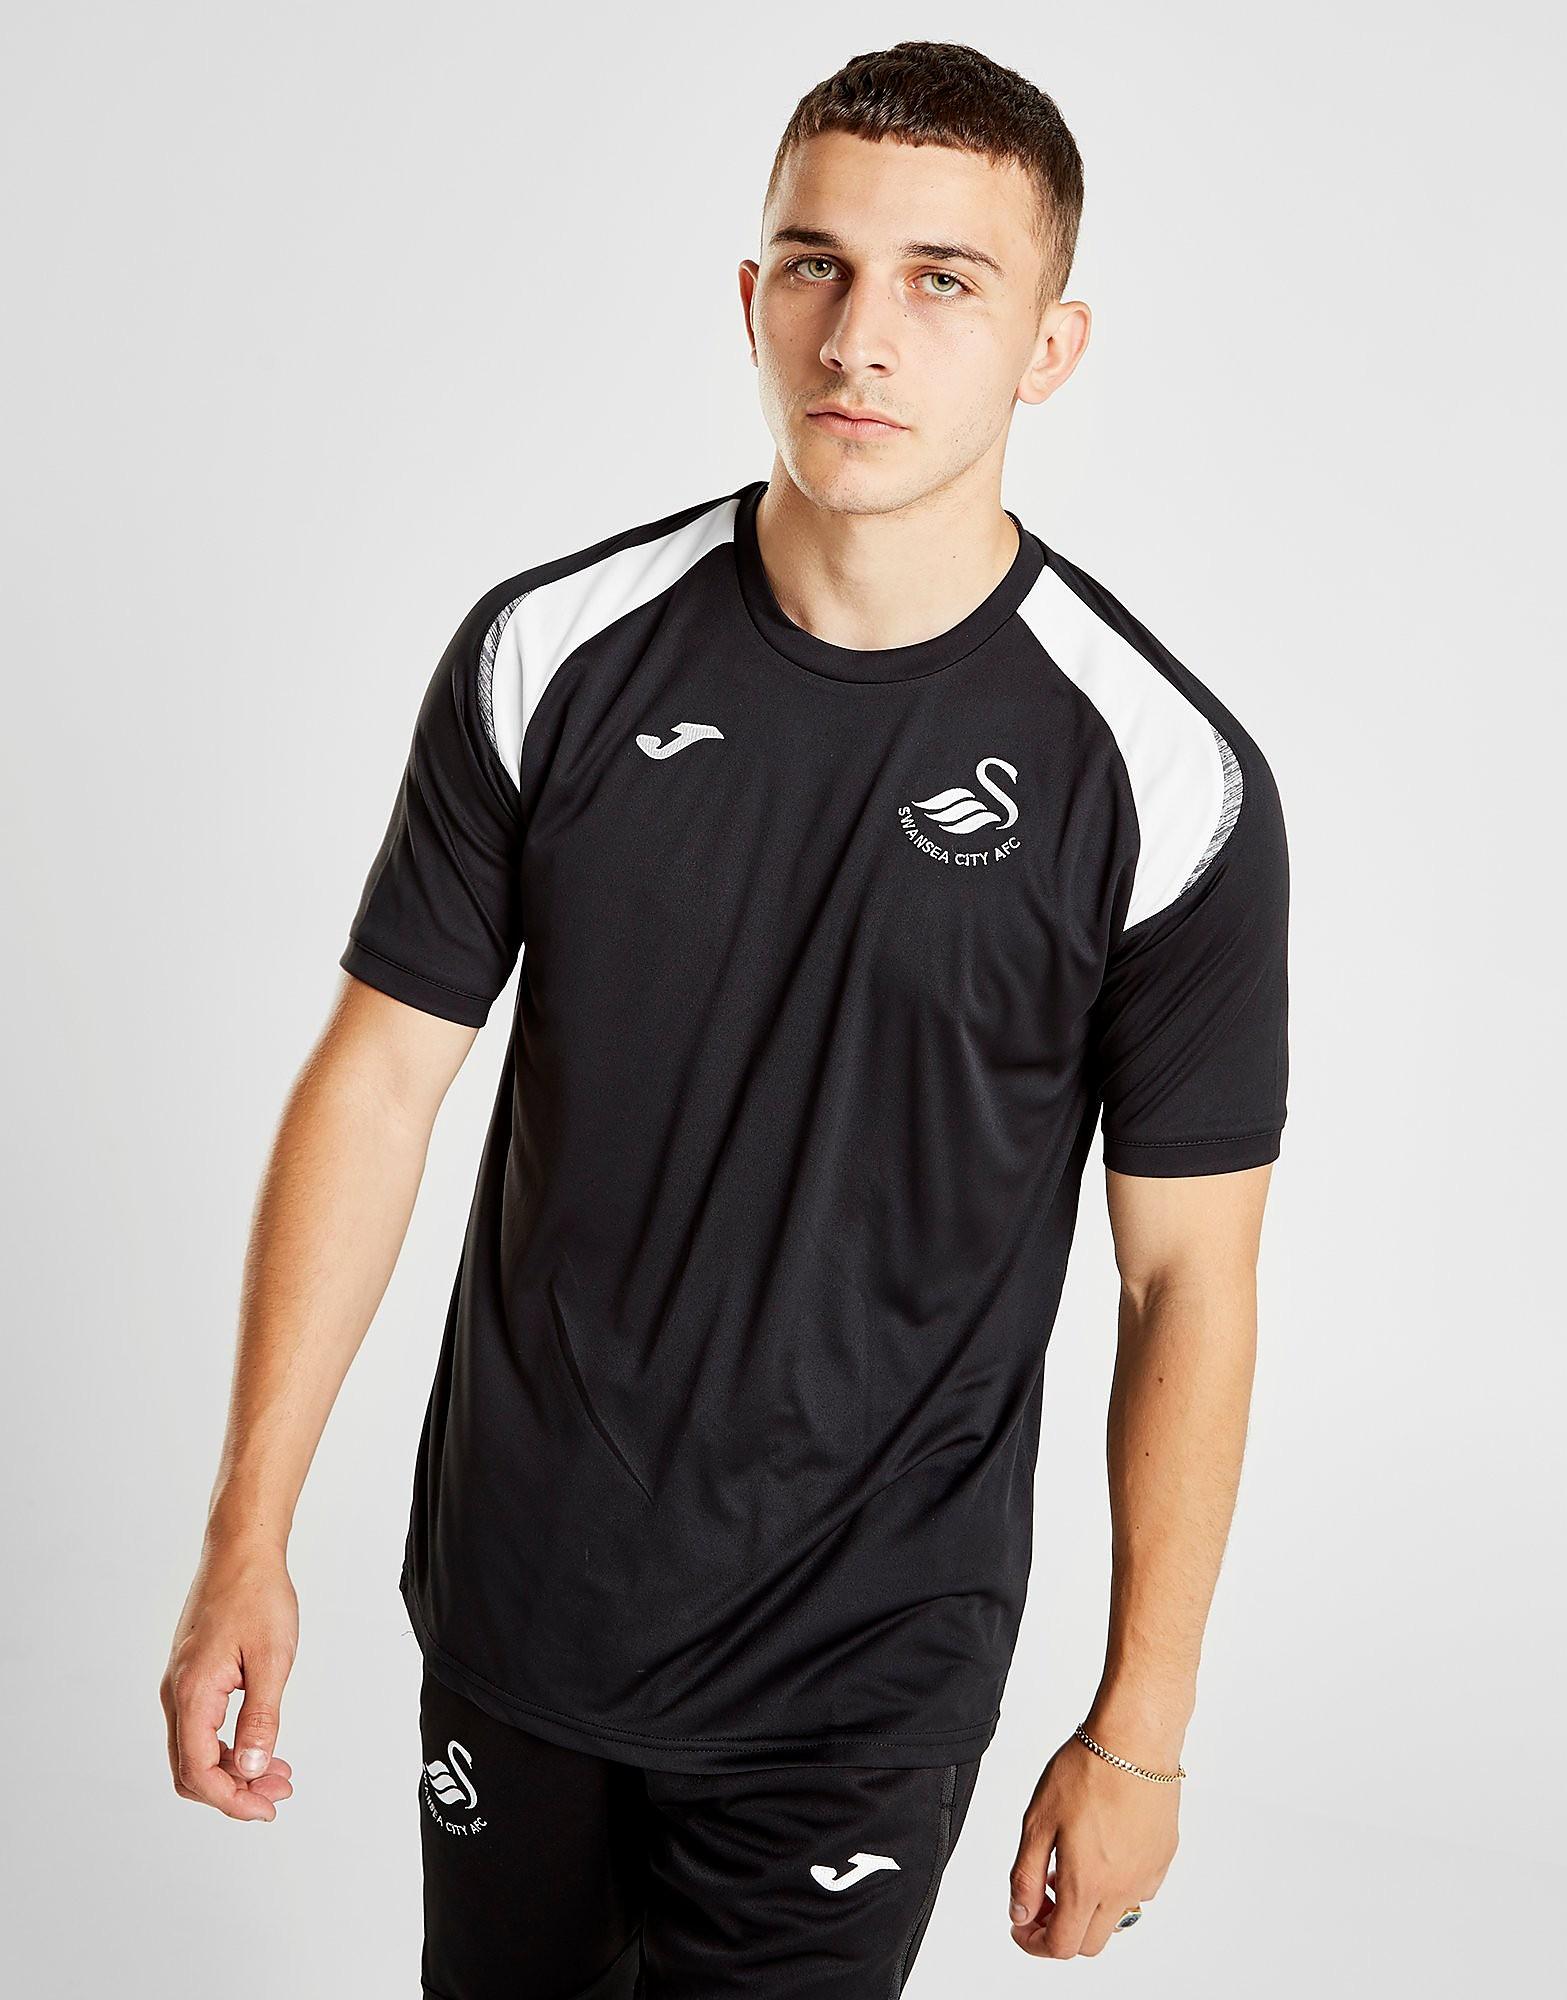 Joma Swansea City FC 2018/19 Training Shirt Heren - Zwart - Heren